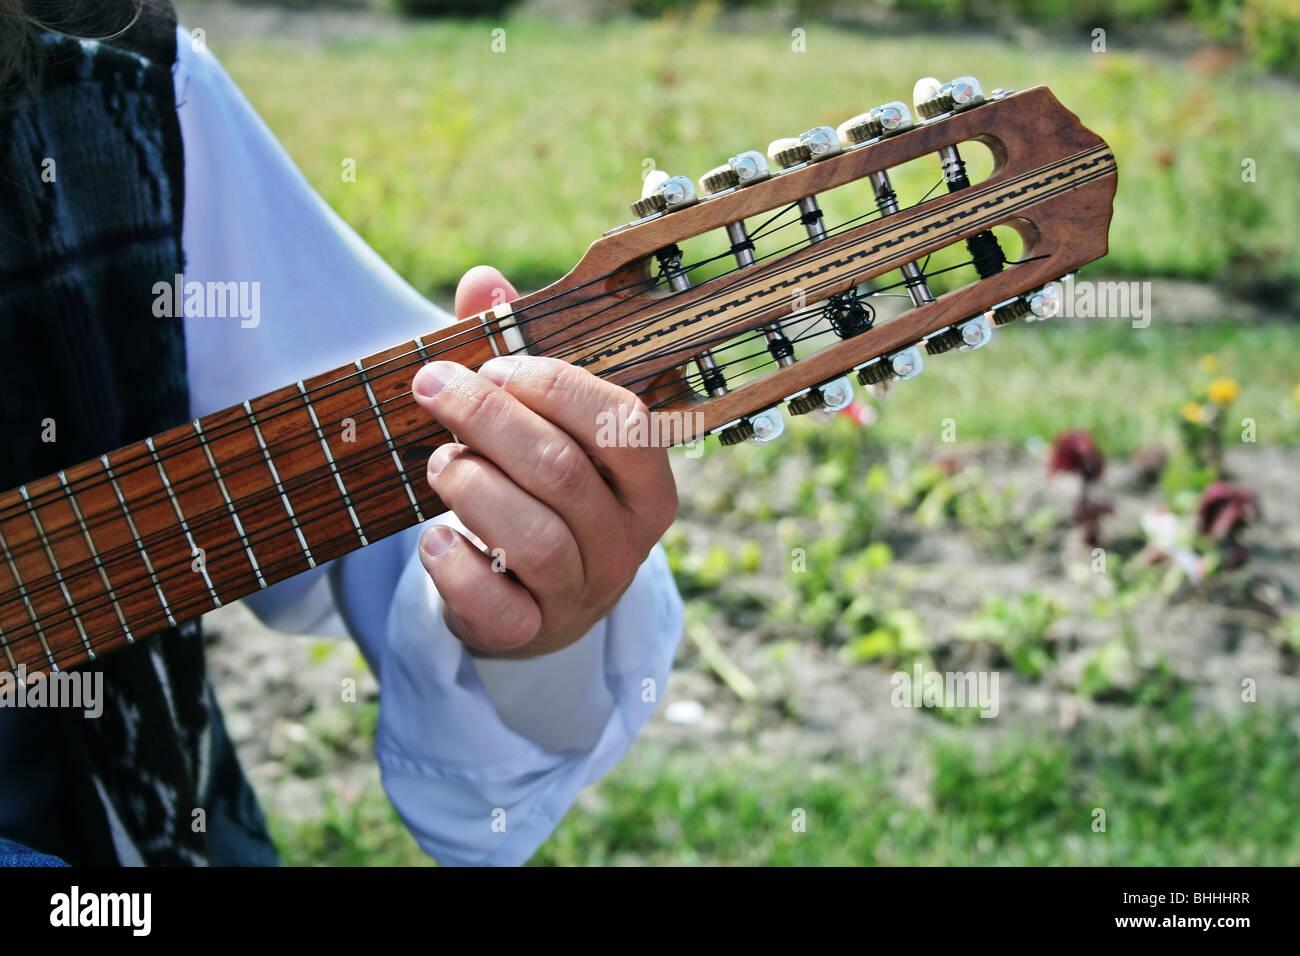 La guitarra de diez cuerdas boliviano llamado charango. Imagen De Stock c4ca570d0ce